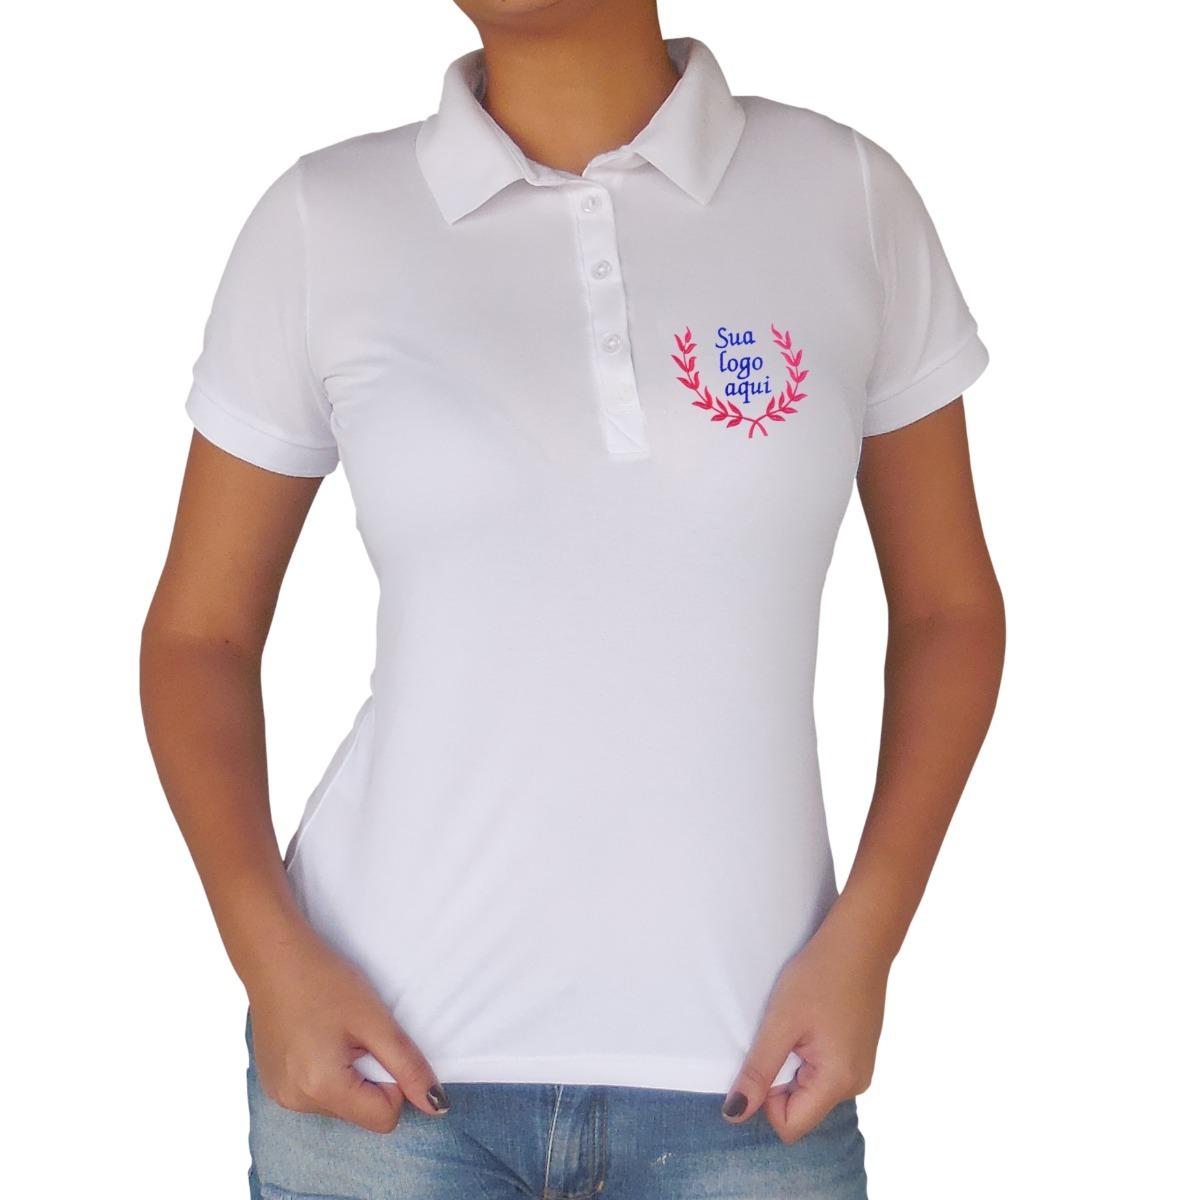 9cc6cb4b21243 camisa gola polo feminina piquet com bordado personalizado. Carregando zoom.